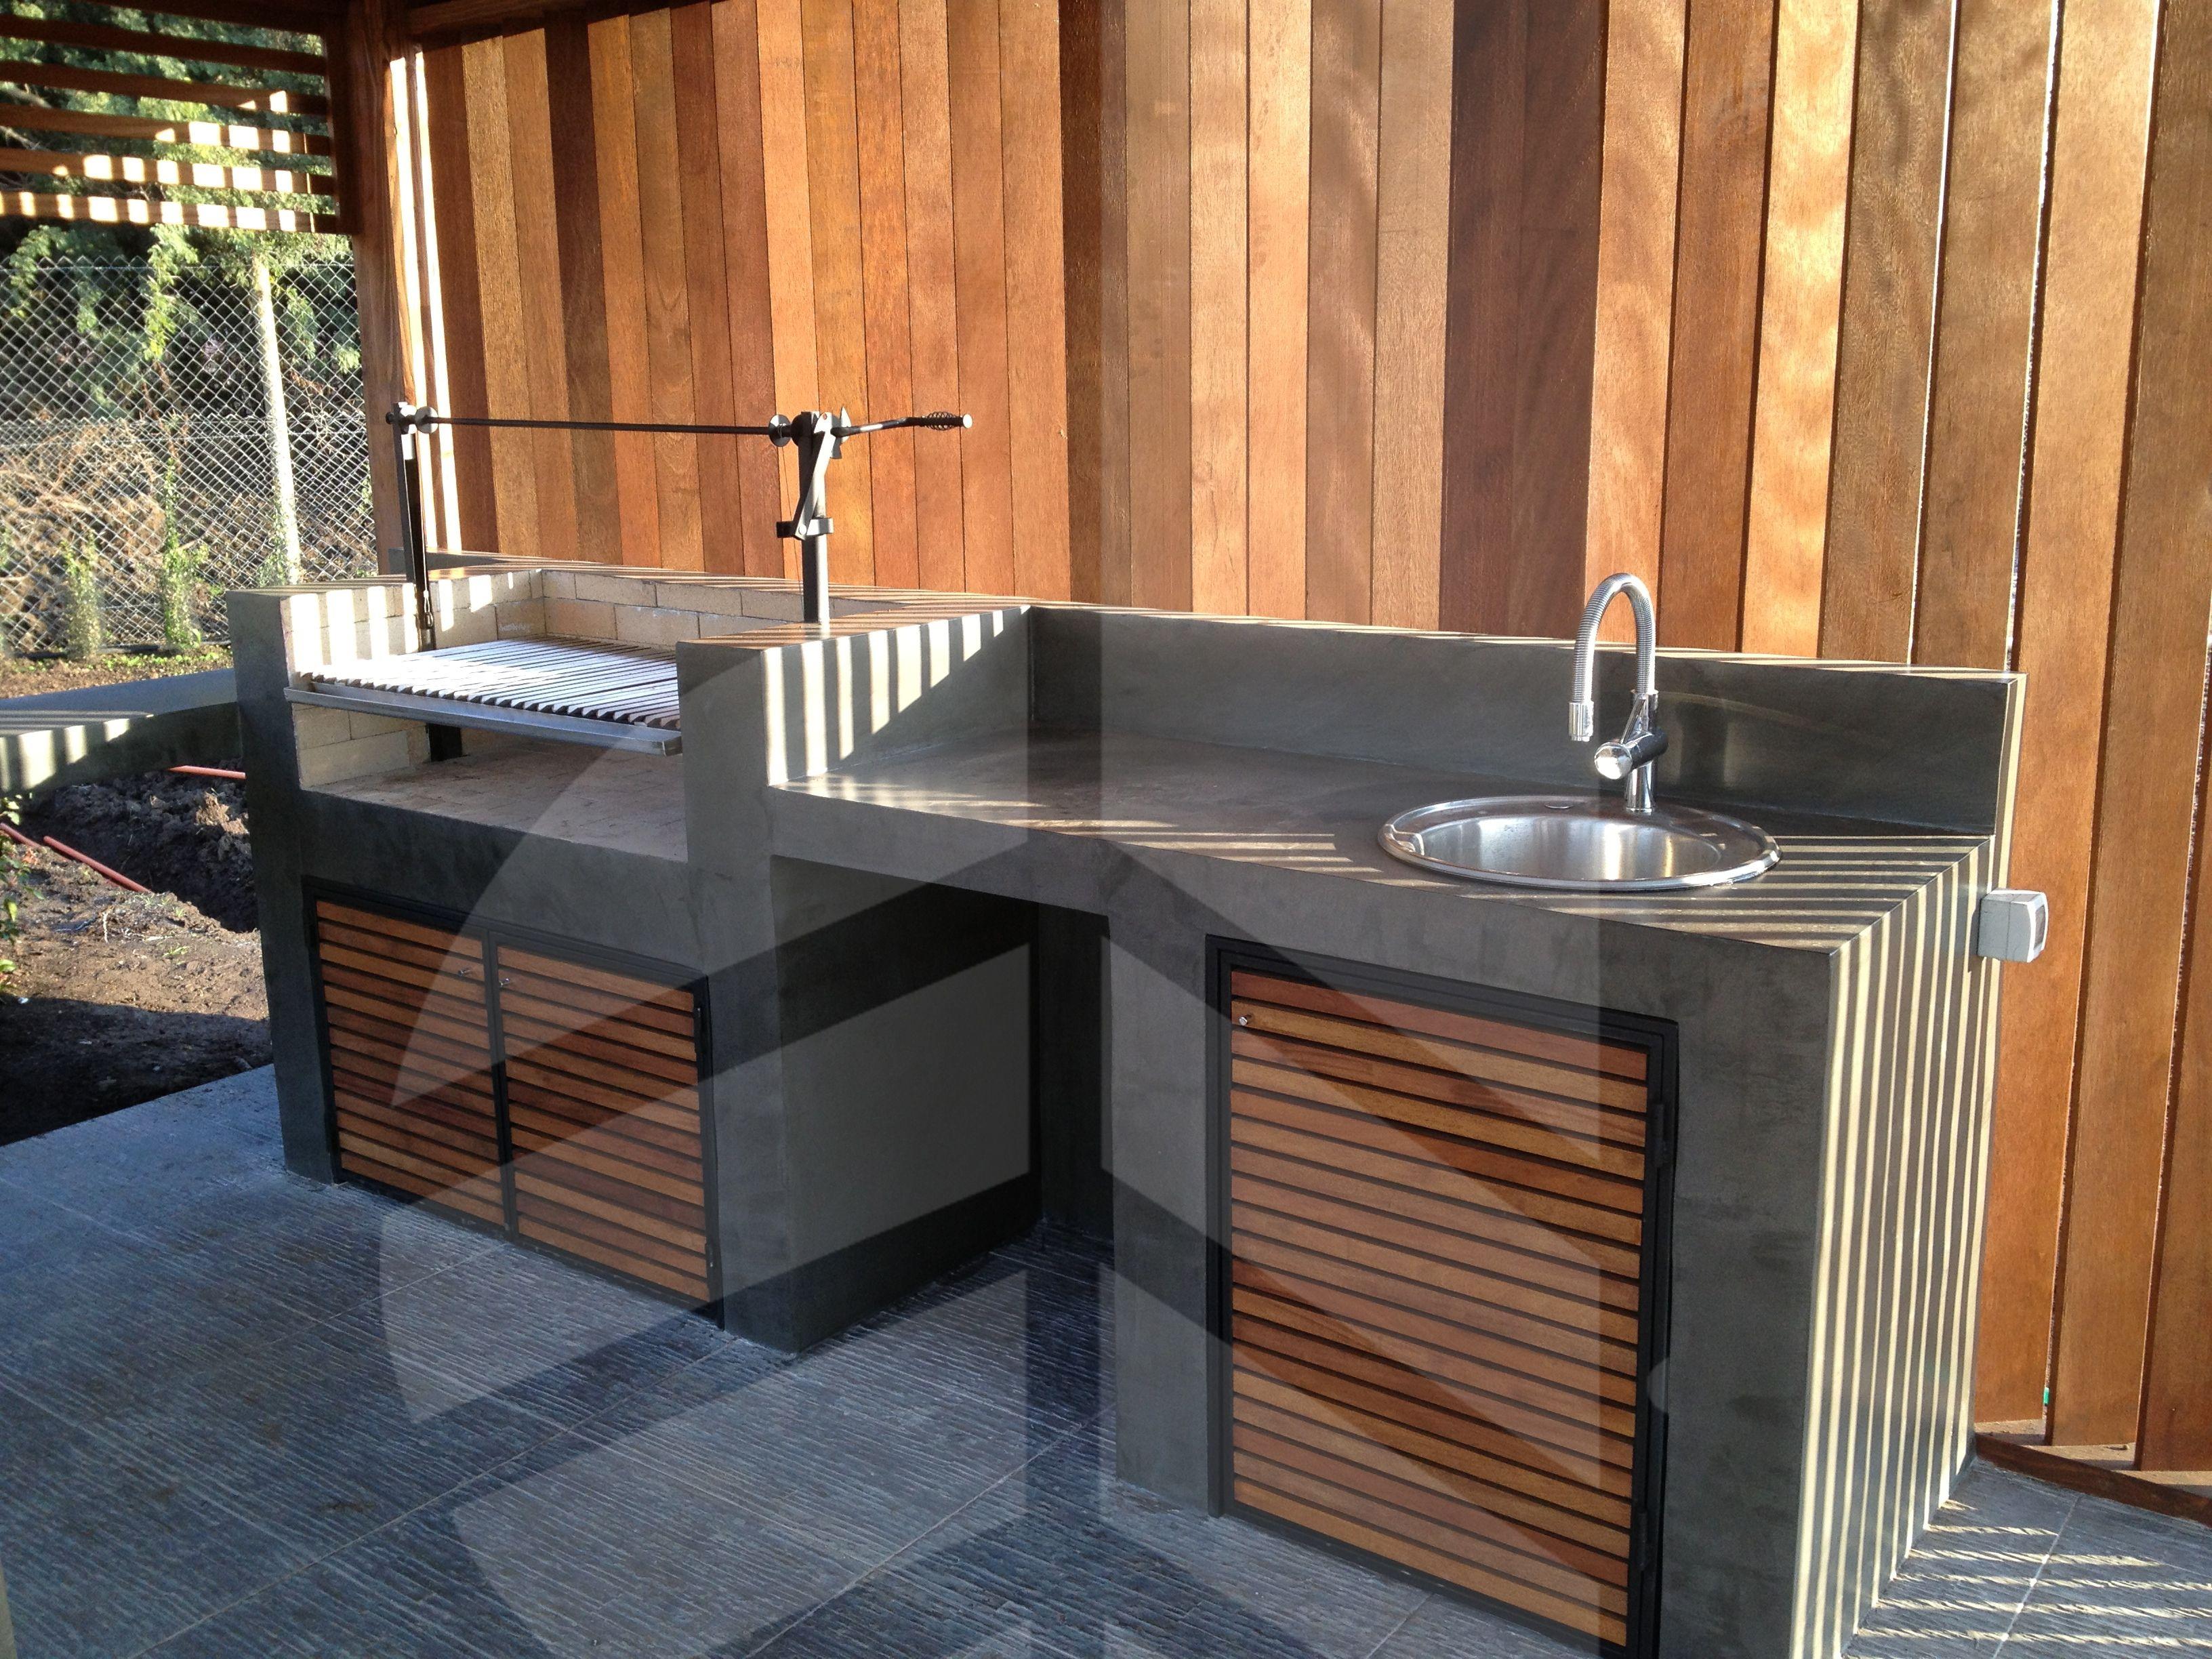 Outdoor Küche Wintergarten : Outdoor küche im wintergarten roel s outdoor kitchen concrete